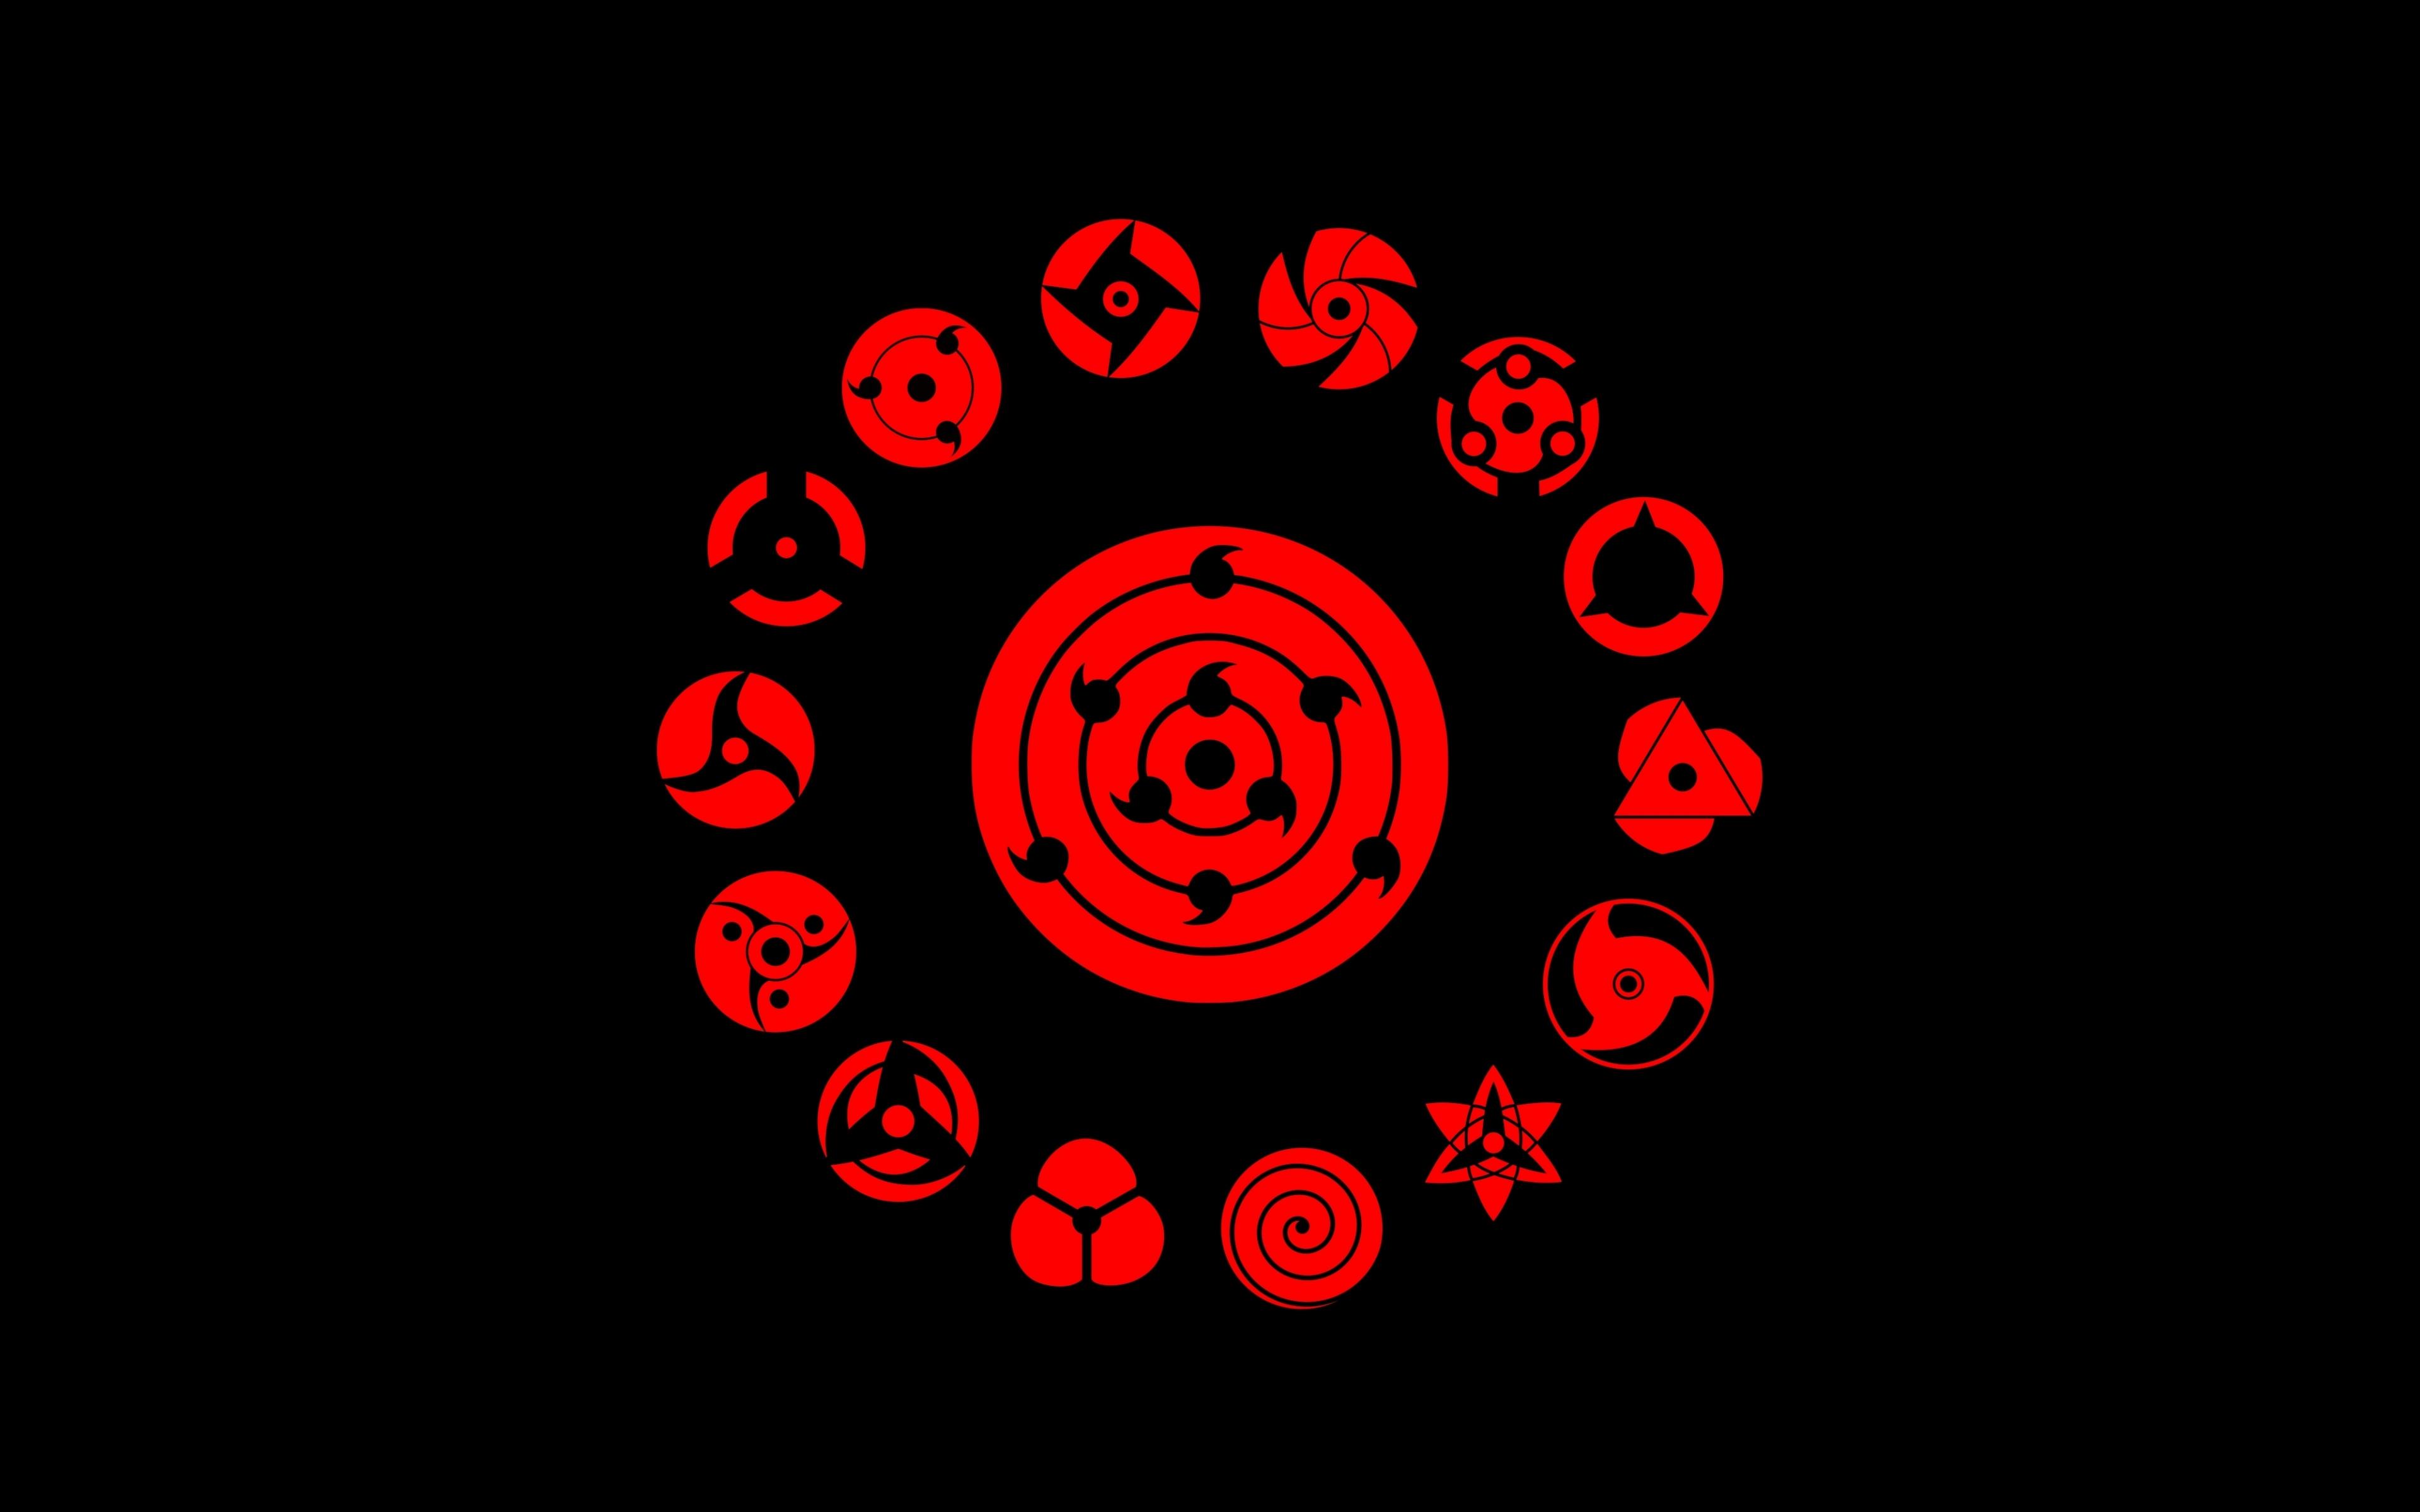 Download 3840x2400 wallpaper logo, minimal, naruto, 4k ...